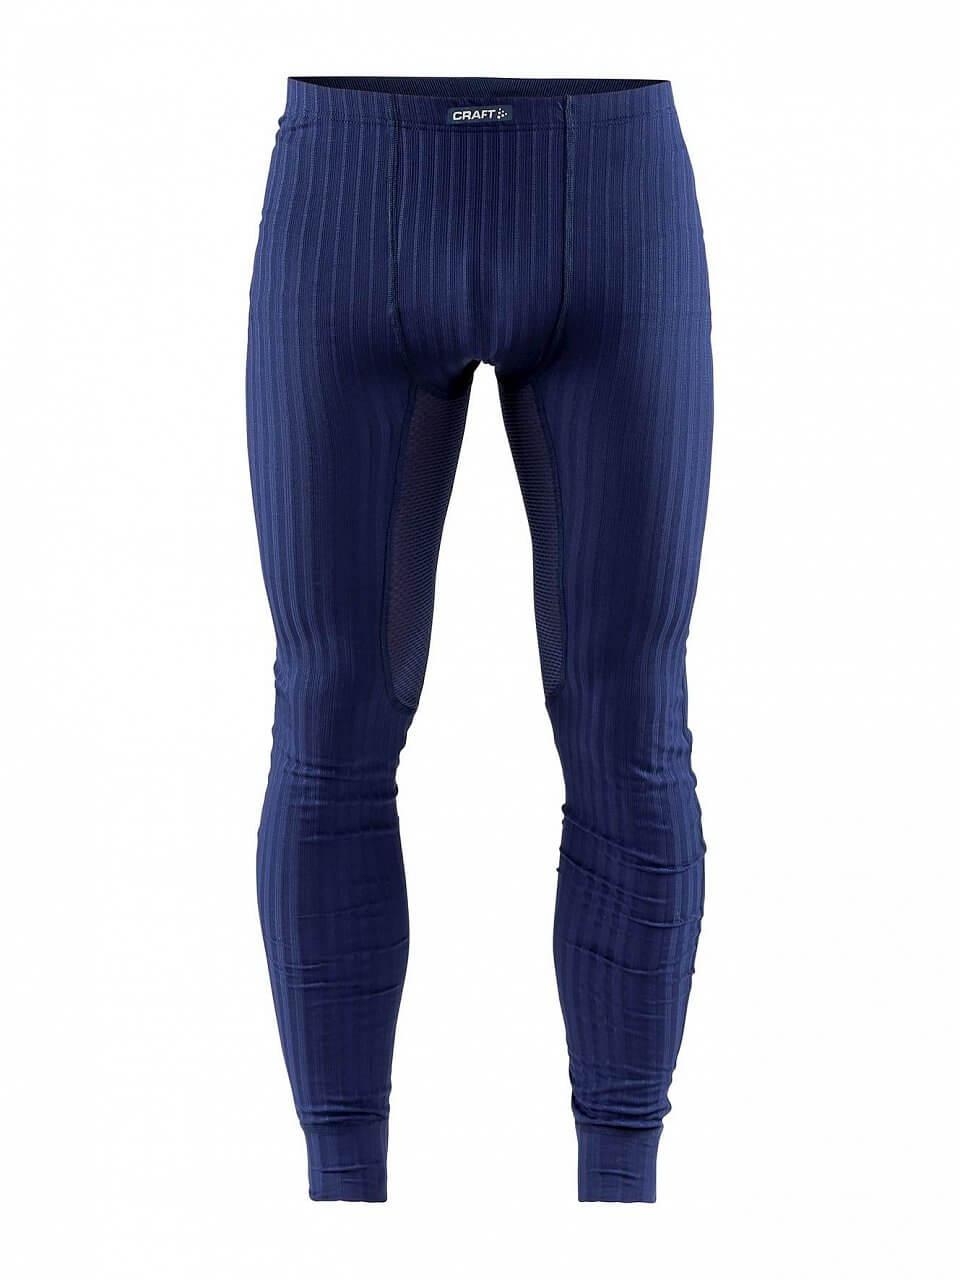 Spodní prádlo Craft Spodky Active Extreme 2.0 tmavě modrá